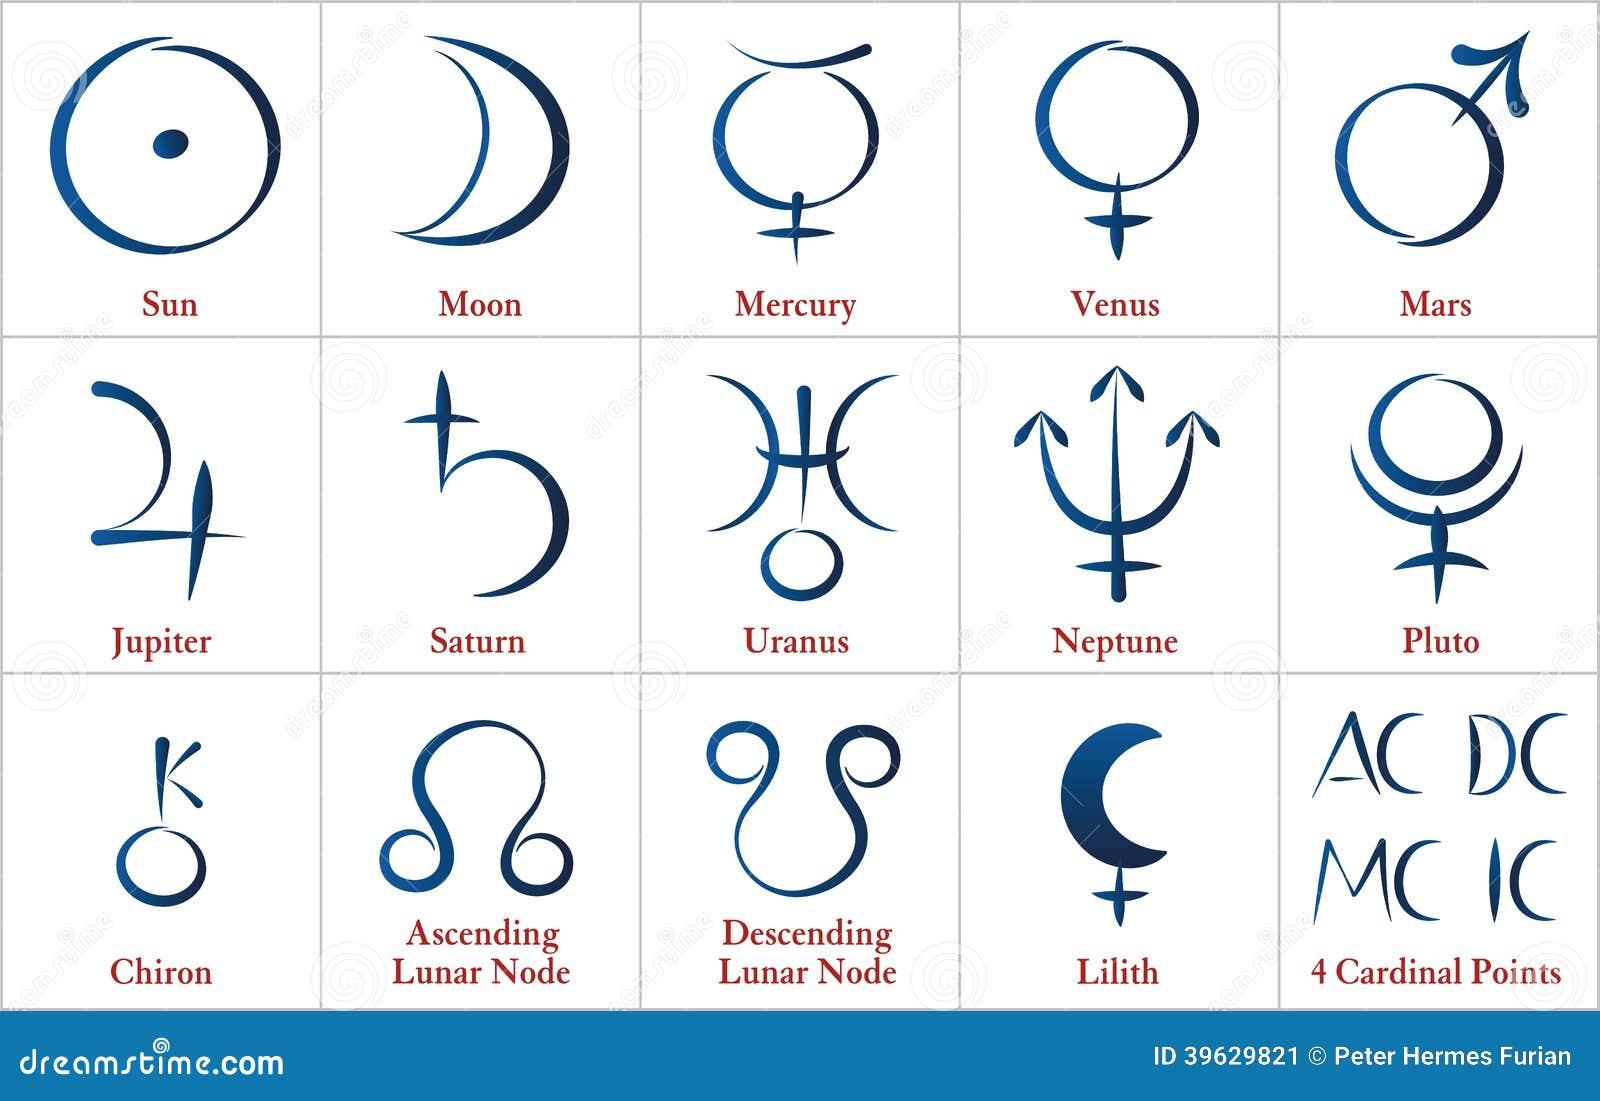 Extrem Calligraphie De Planètes D'astrologie Illustration de Vecteur  HB37